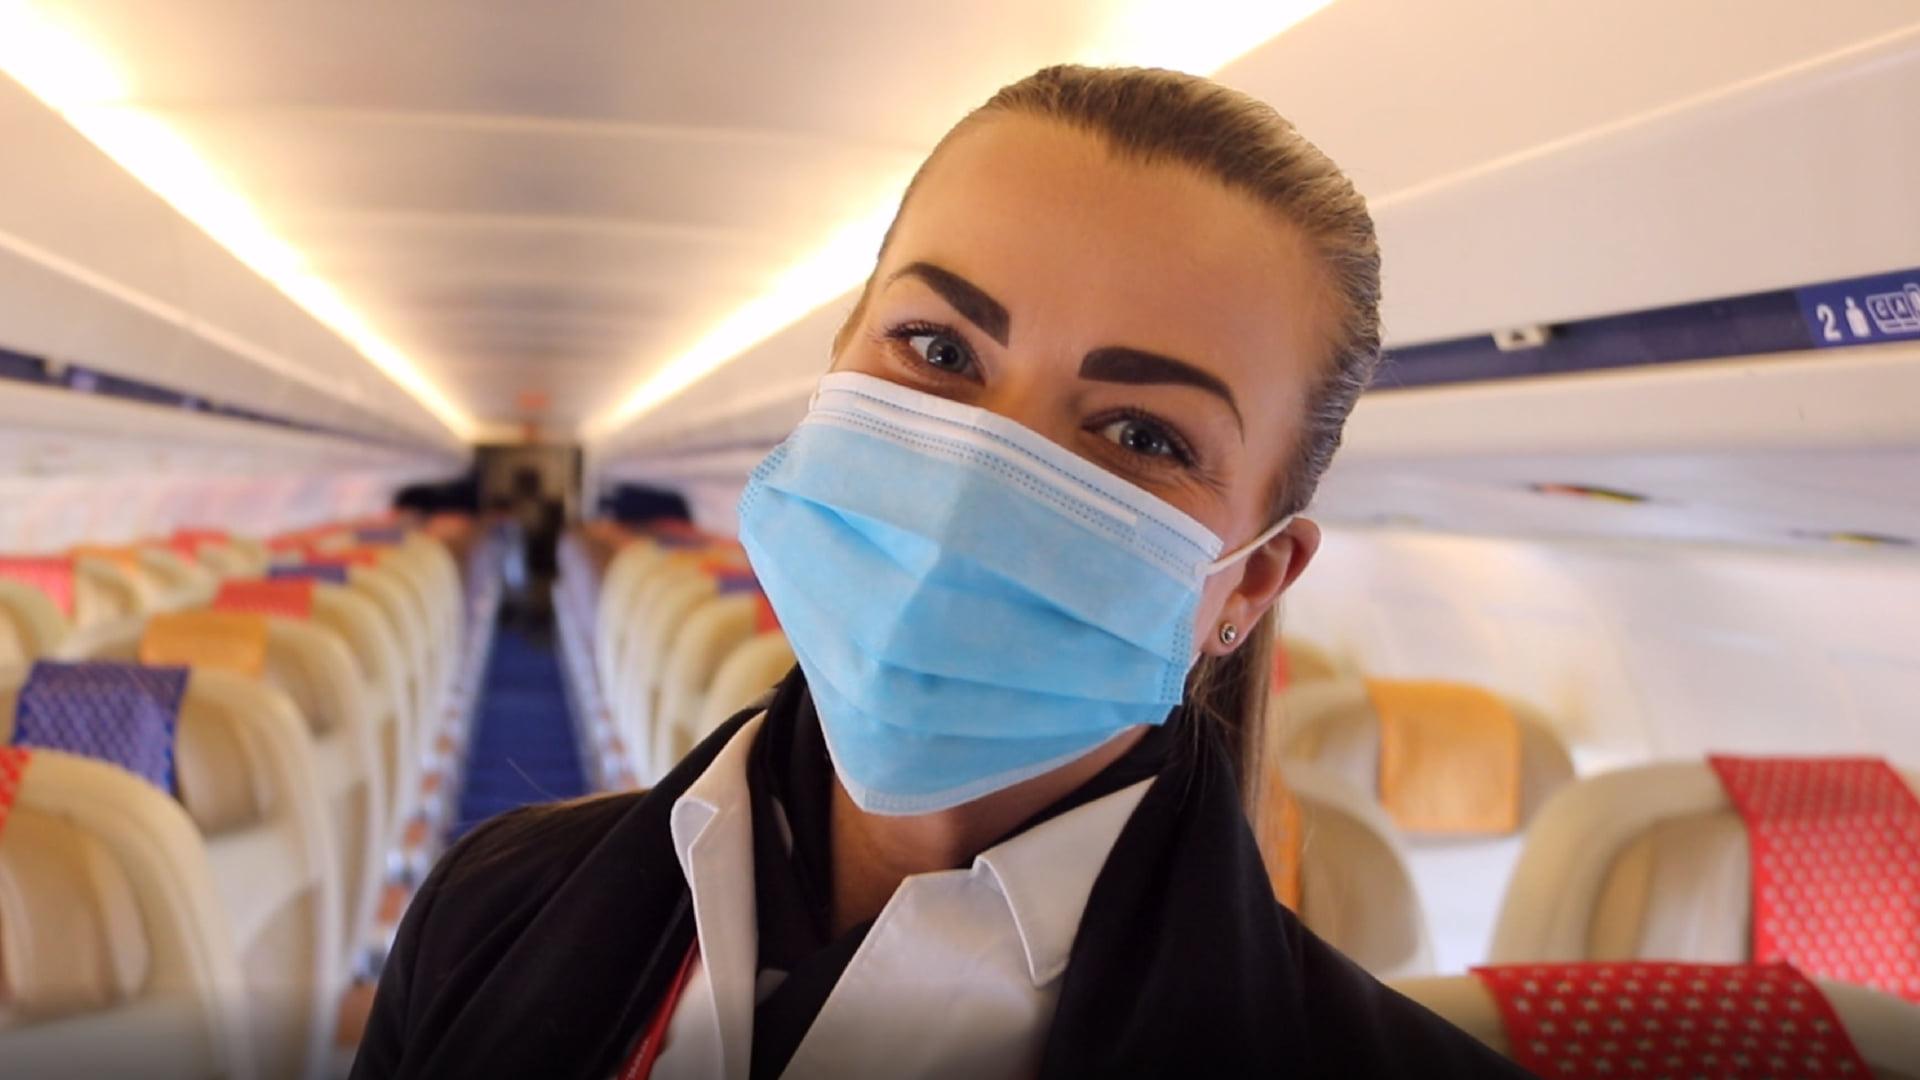 Flyv Business Class: DAT indsætter fly med 90 VIP-sæder på Aalborg-København